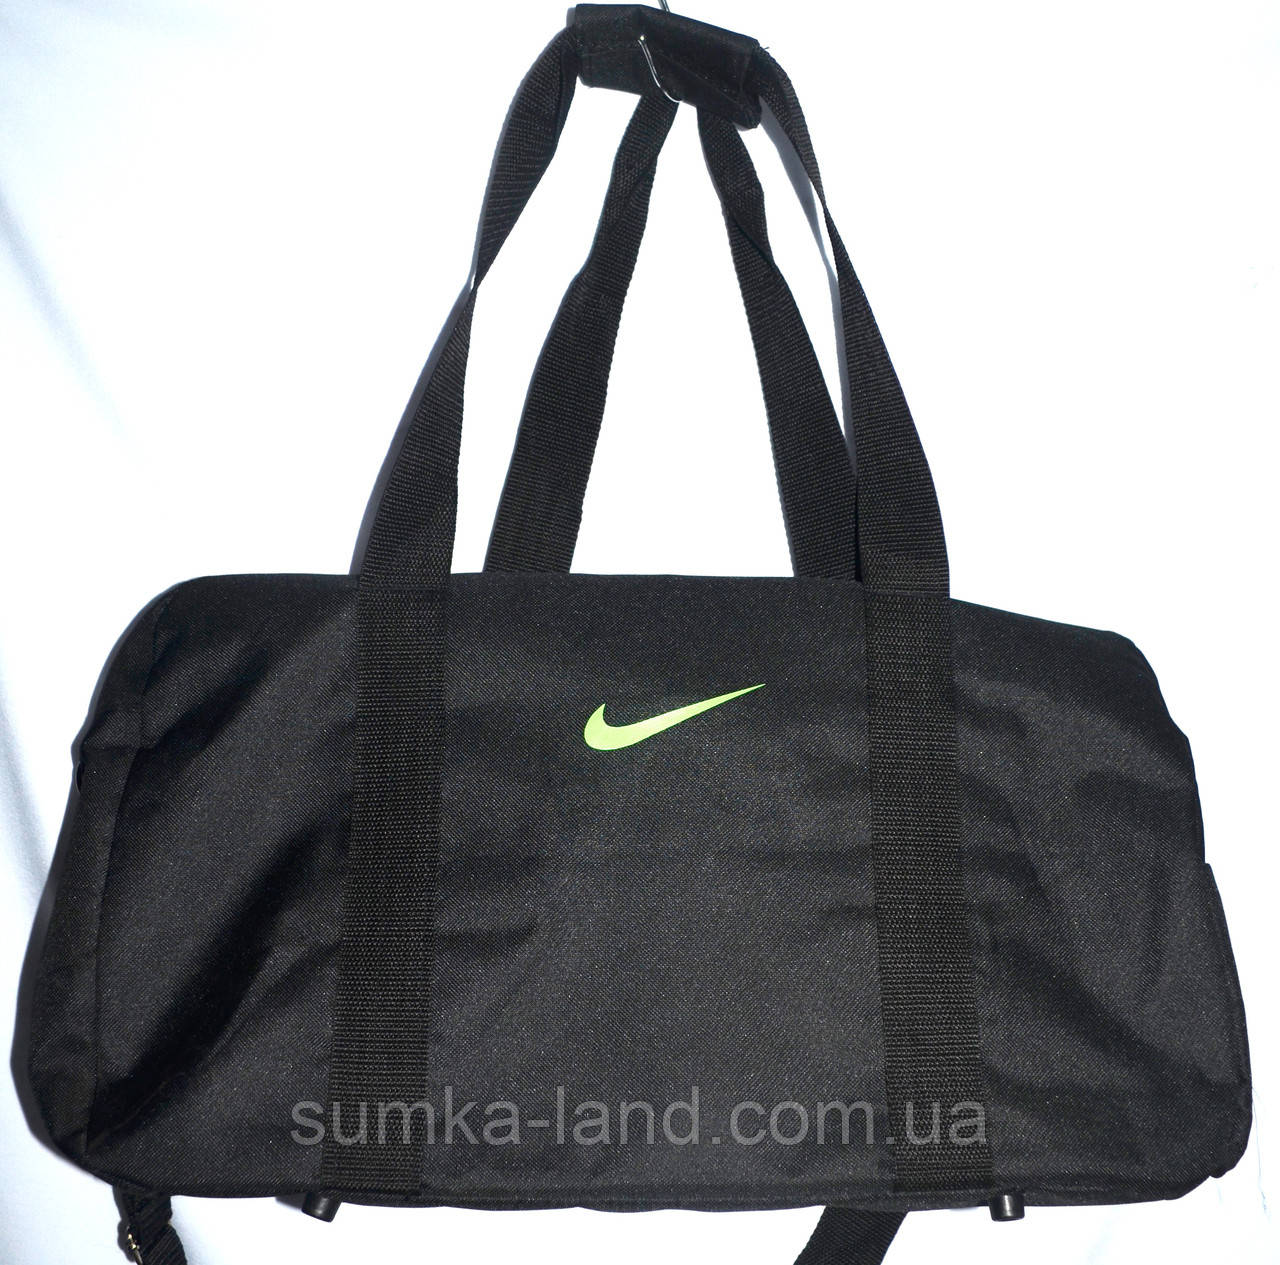 908d9df7 Спортивная дорожная универсальная сумка Nike 43*27 см (черный с салатовым)